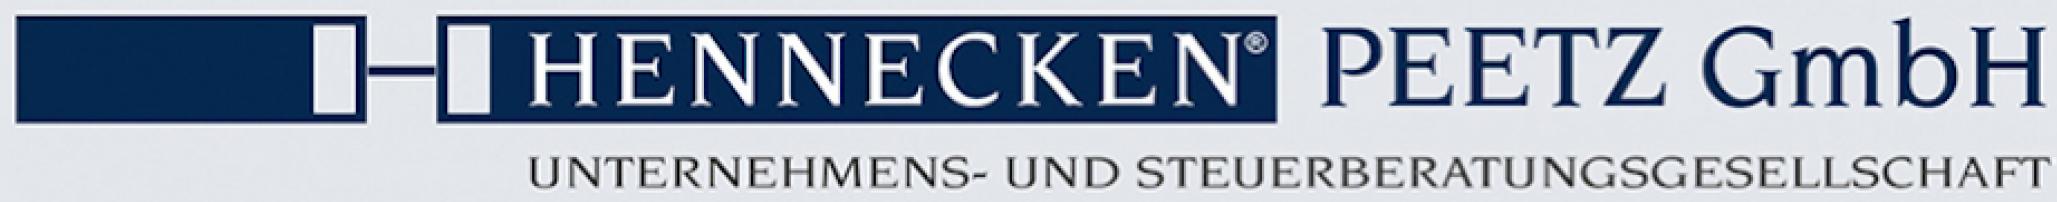 Hennecken Peetz GmbH